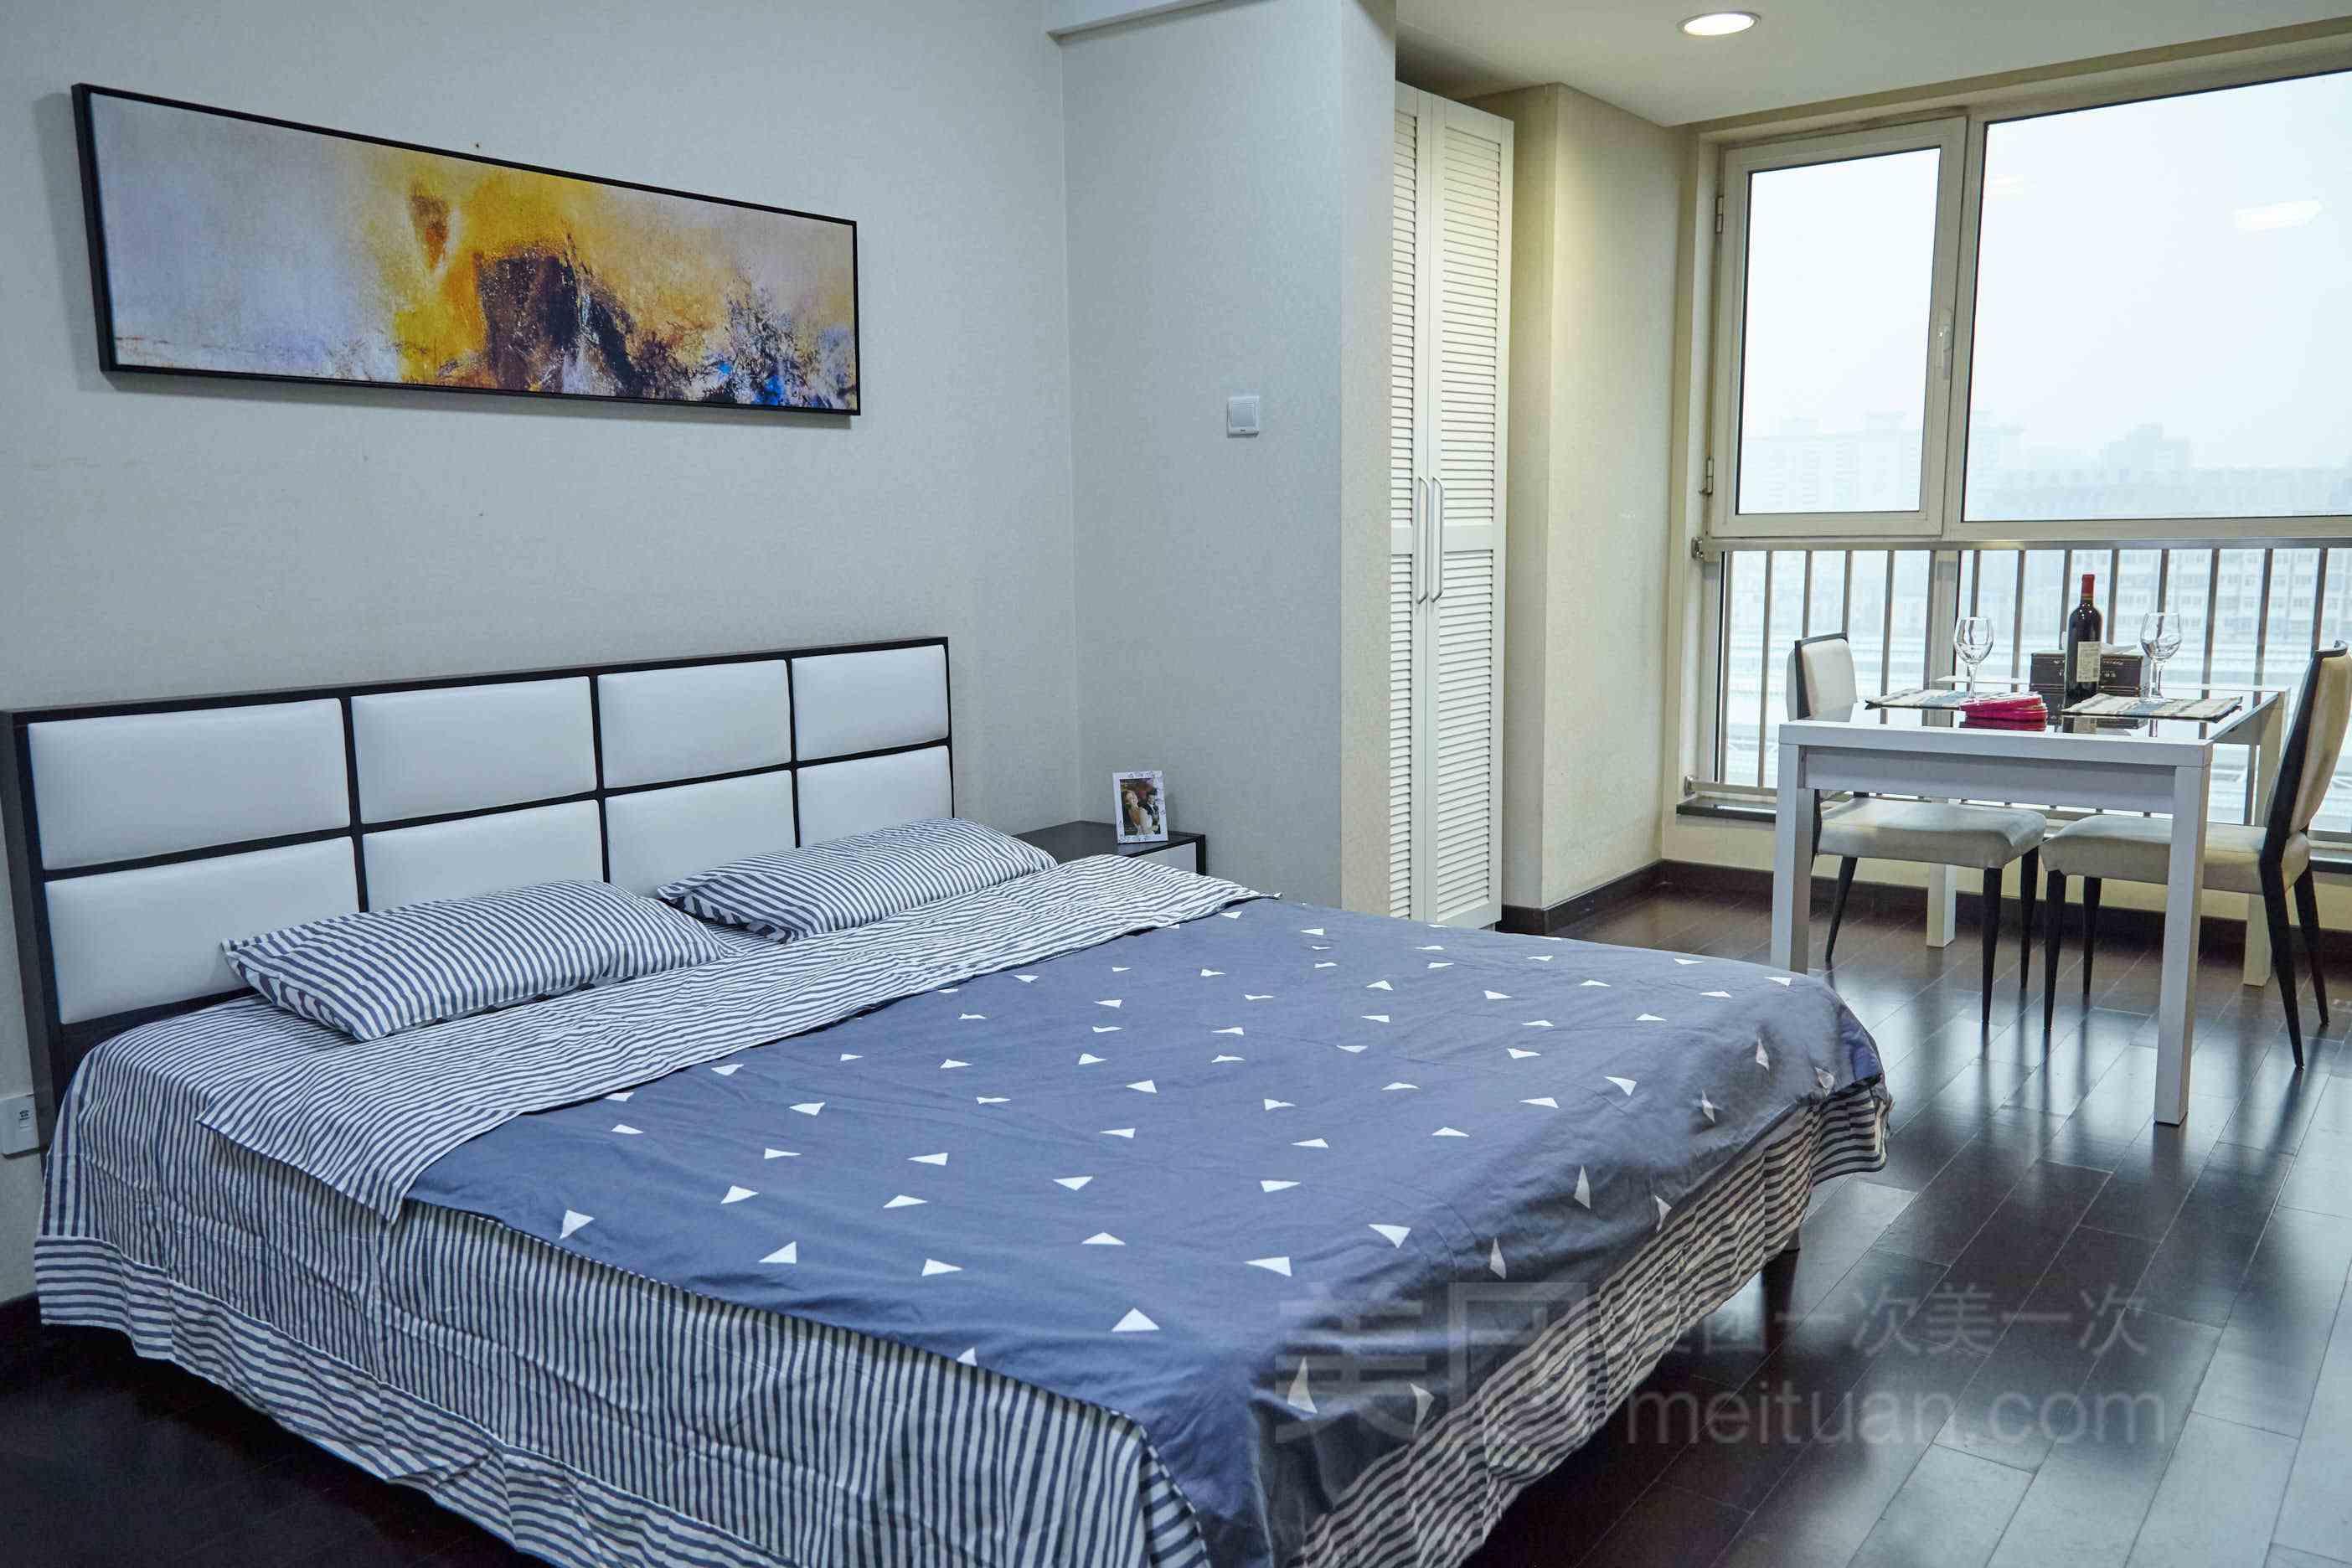 摩兜公寓(北京西直门店)预订/团购